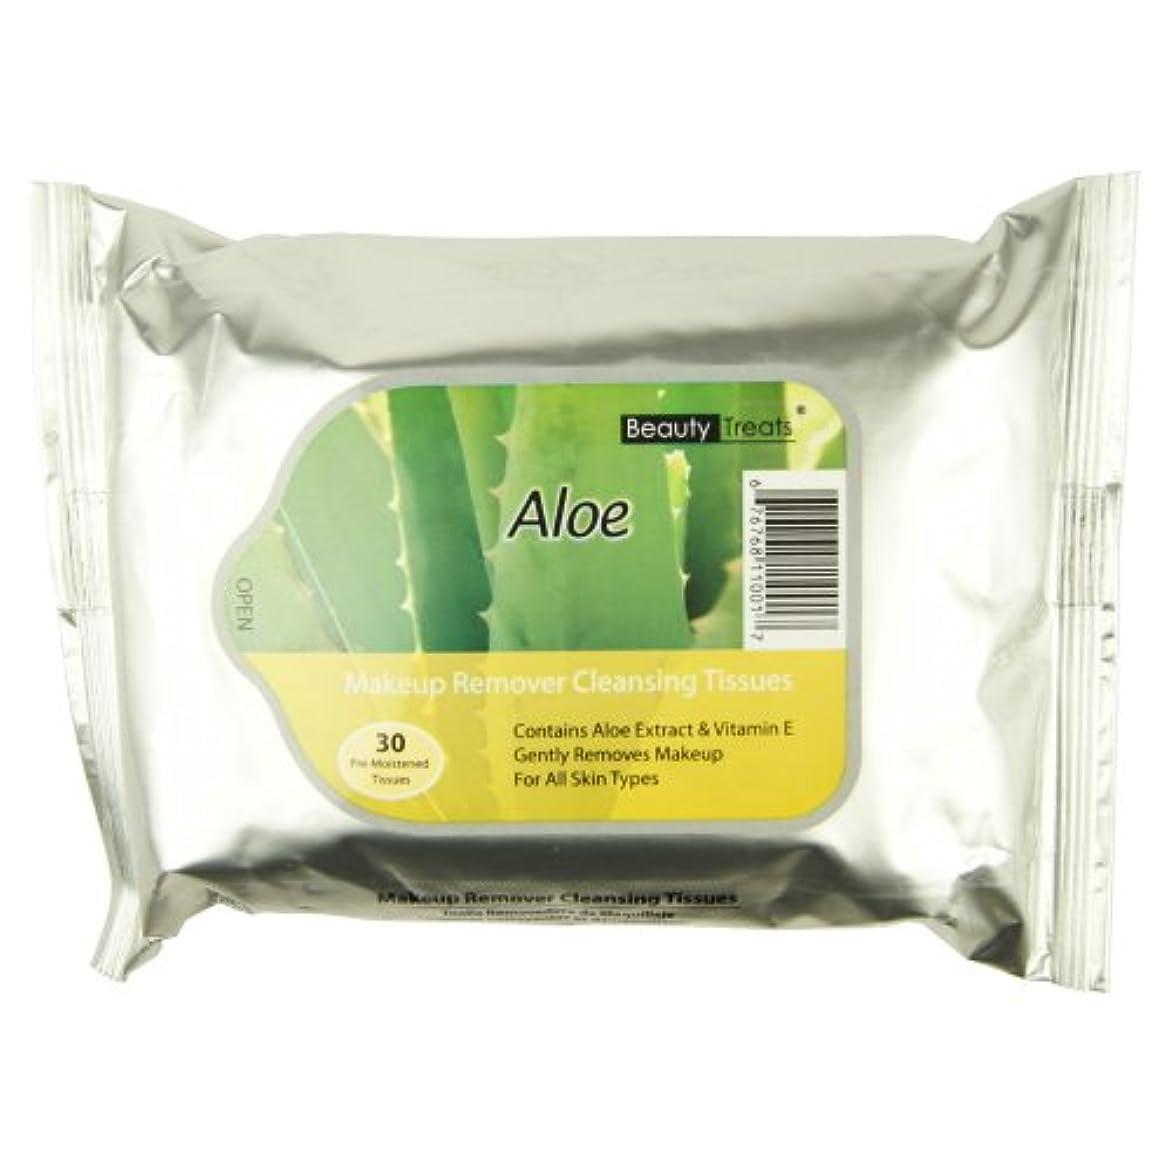 スティーブンソンピアース本当のことを言うと(3 Pack) BEAUTY TREATS Makeup Remover Cleansing Tissues - Aloe (並行輸入品)